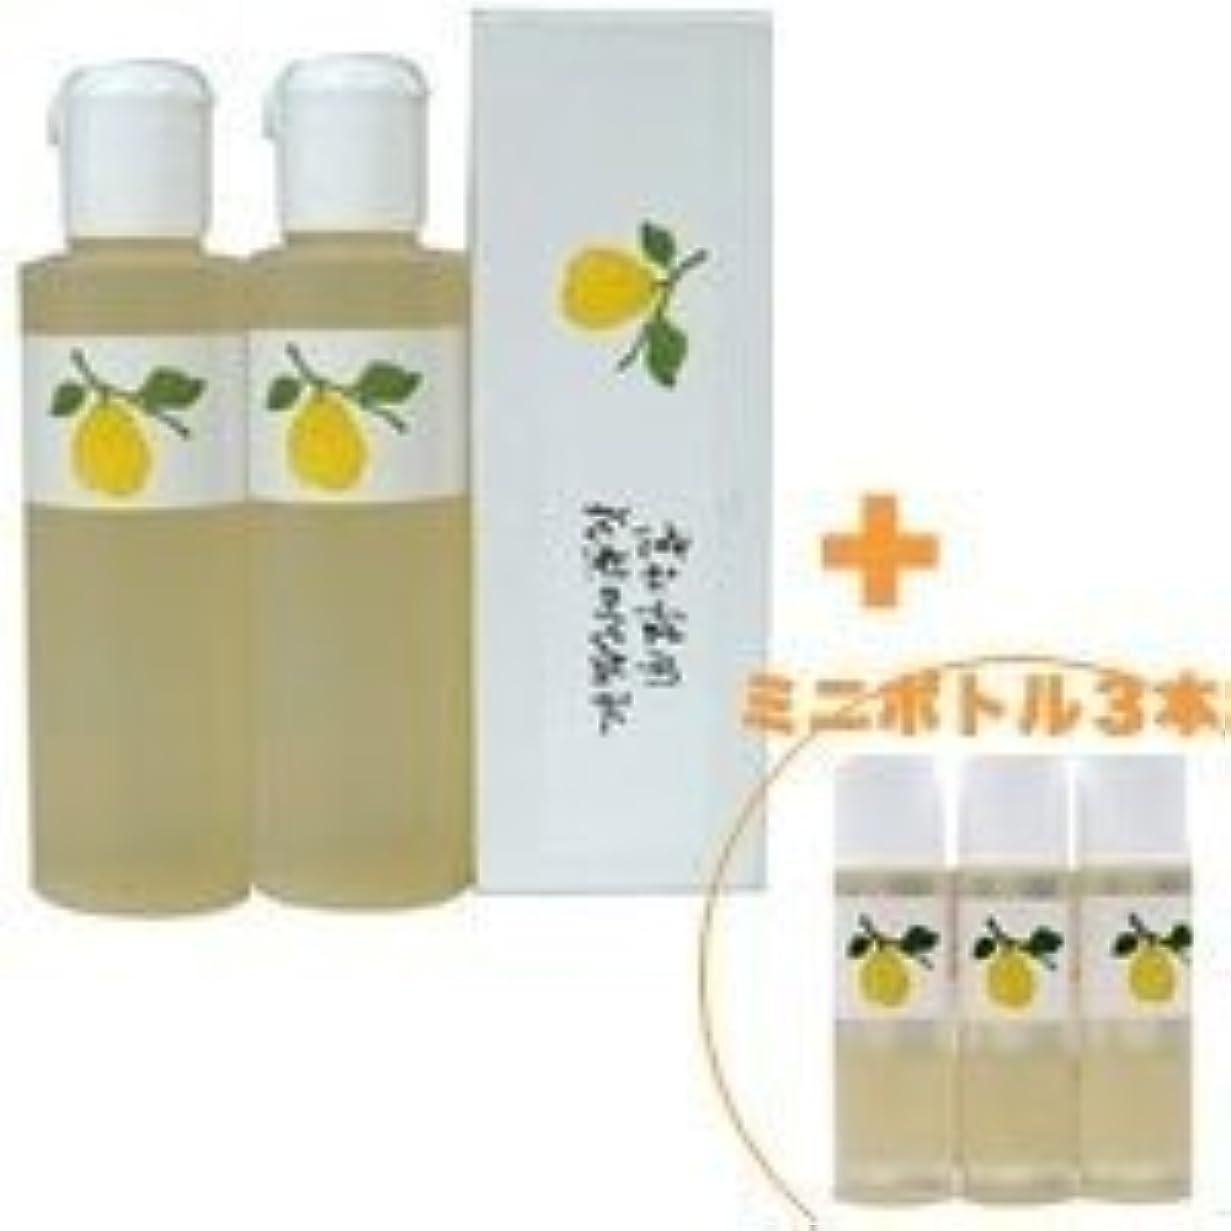 値スピンささいな花梨の化粧水 200ml 2本&ミニボトル 3本 美容液 栄養クリームのいらないお肌へ 保湿と乾燥対策に